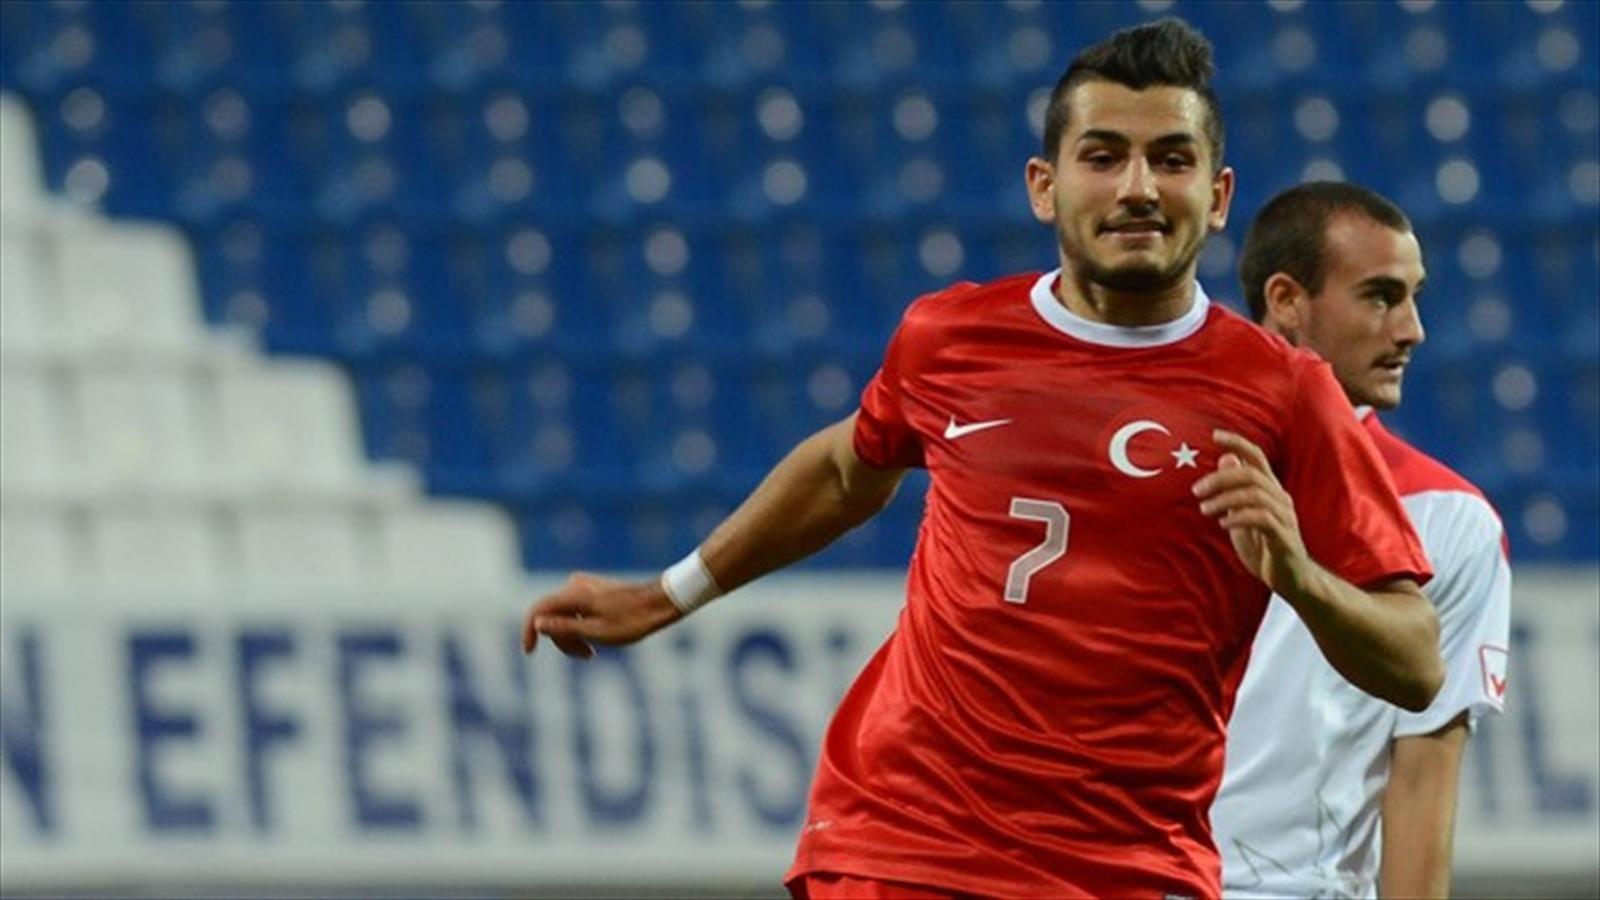 Antalyasporlu Futbolcuya Beşiktaş Talip